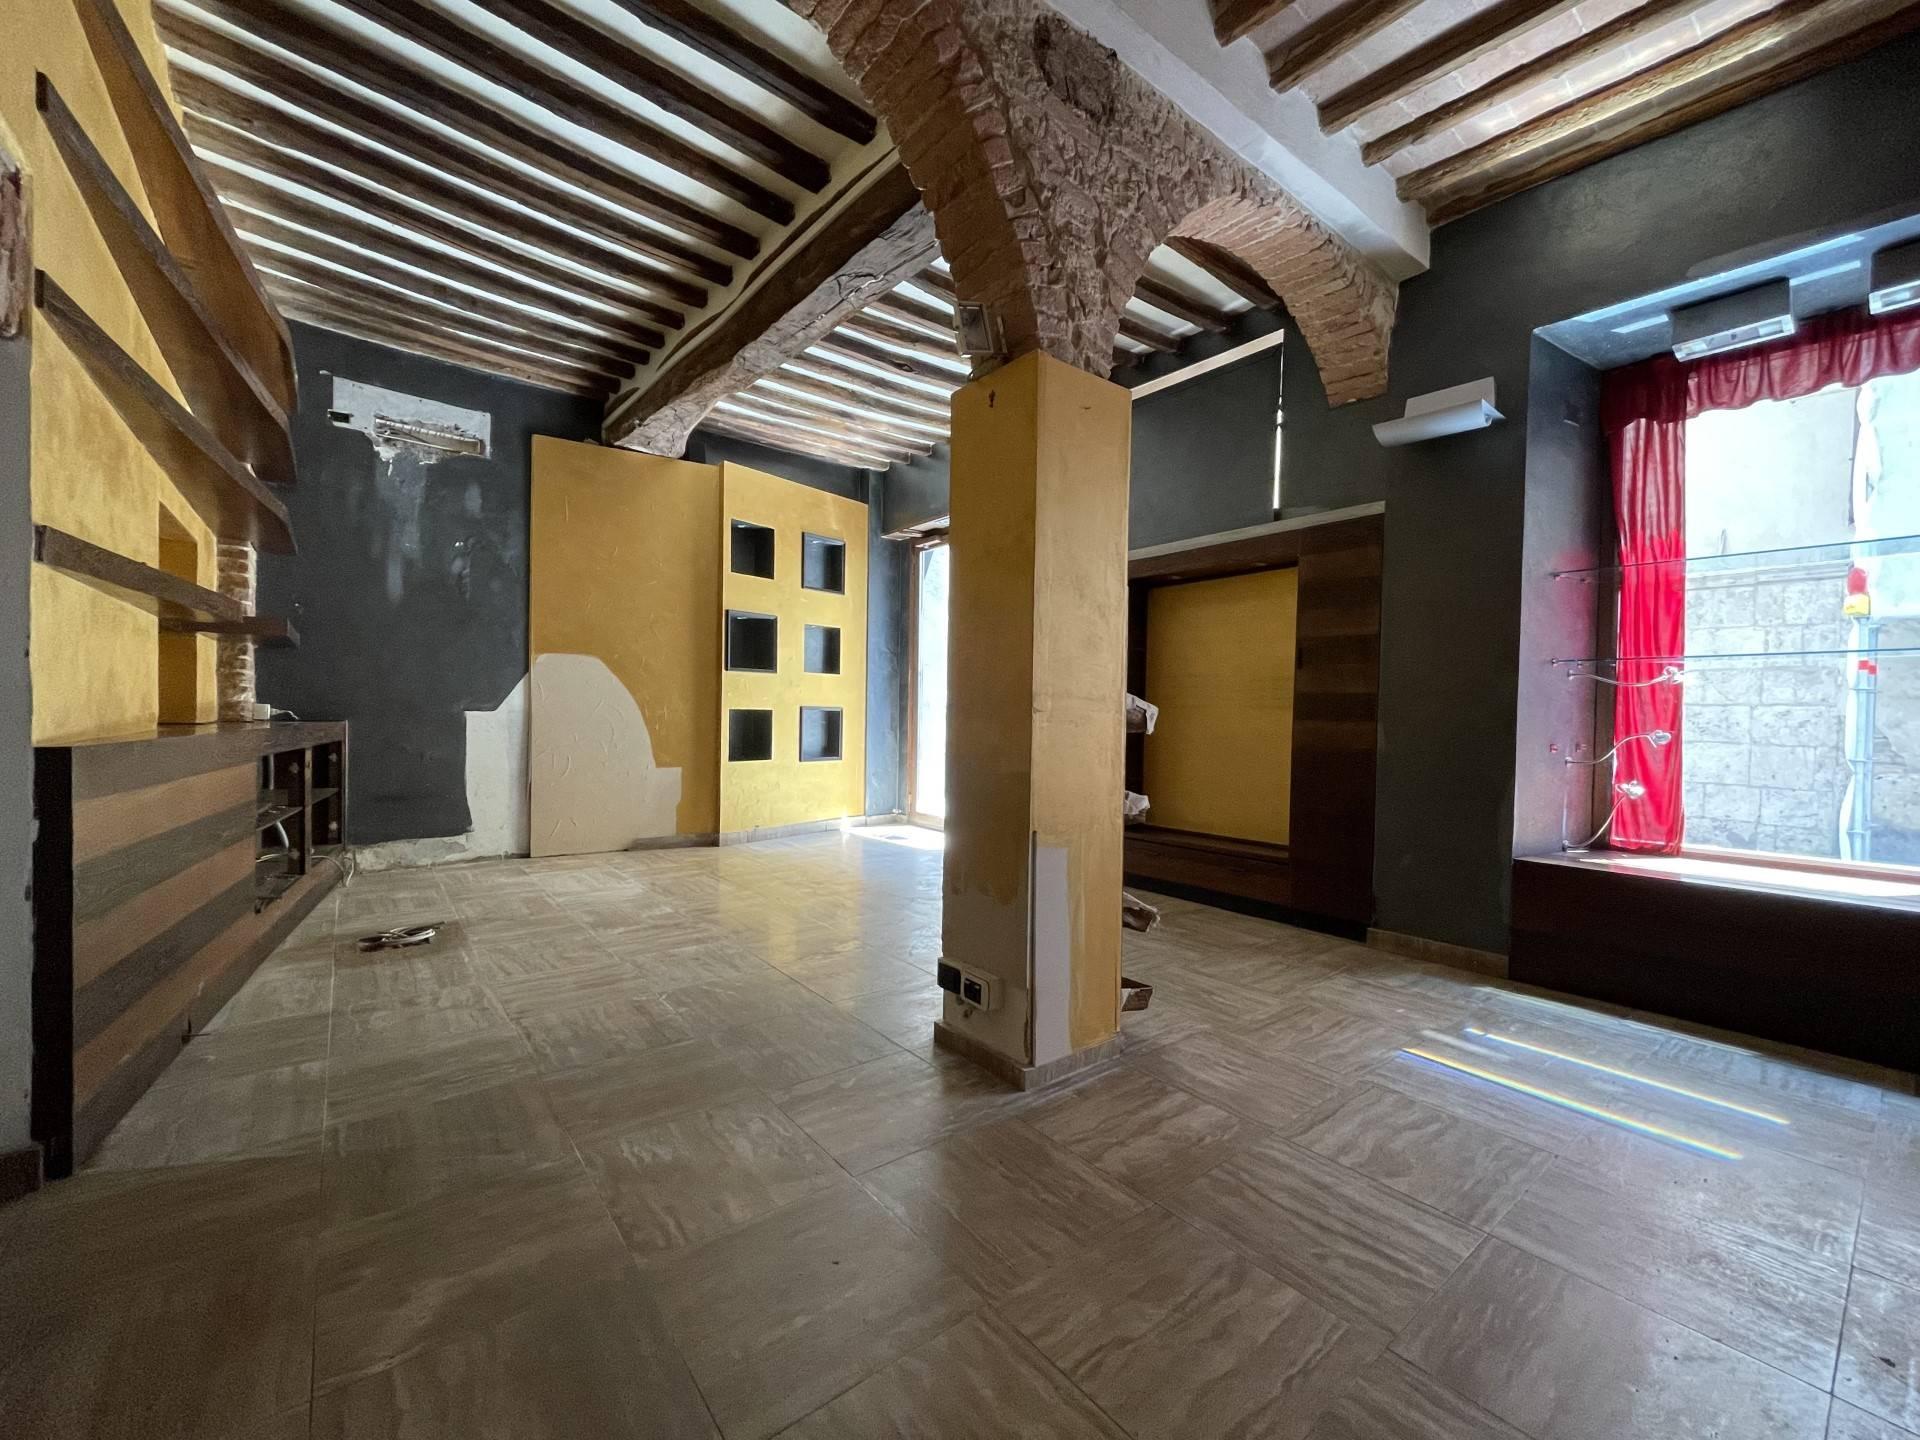 Nel centro storico di Siena, in Via della Sapienza, locale commerciale ristrutturato in locazione con due ampie vetrine e composto da una prima parte